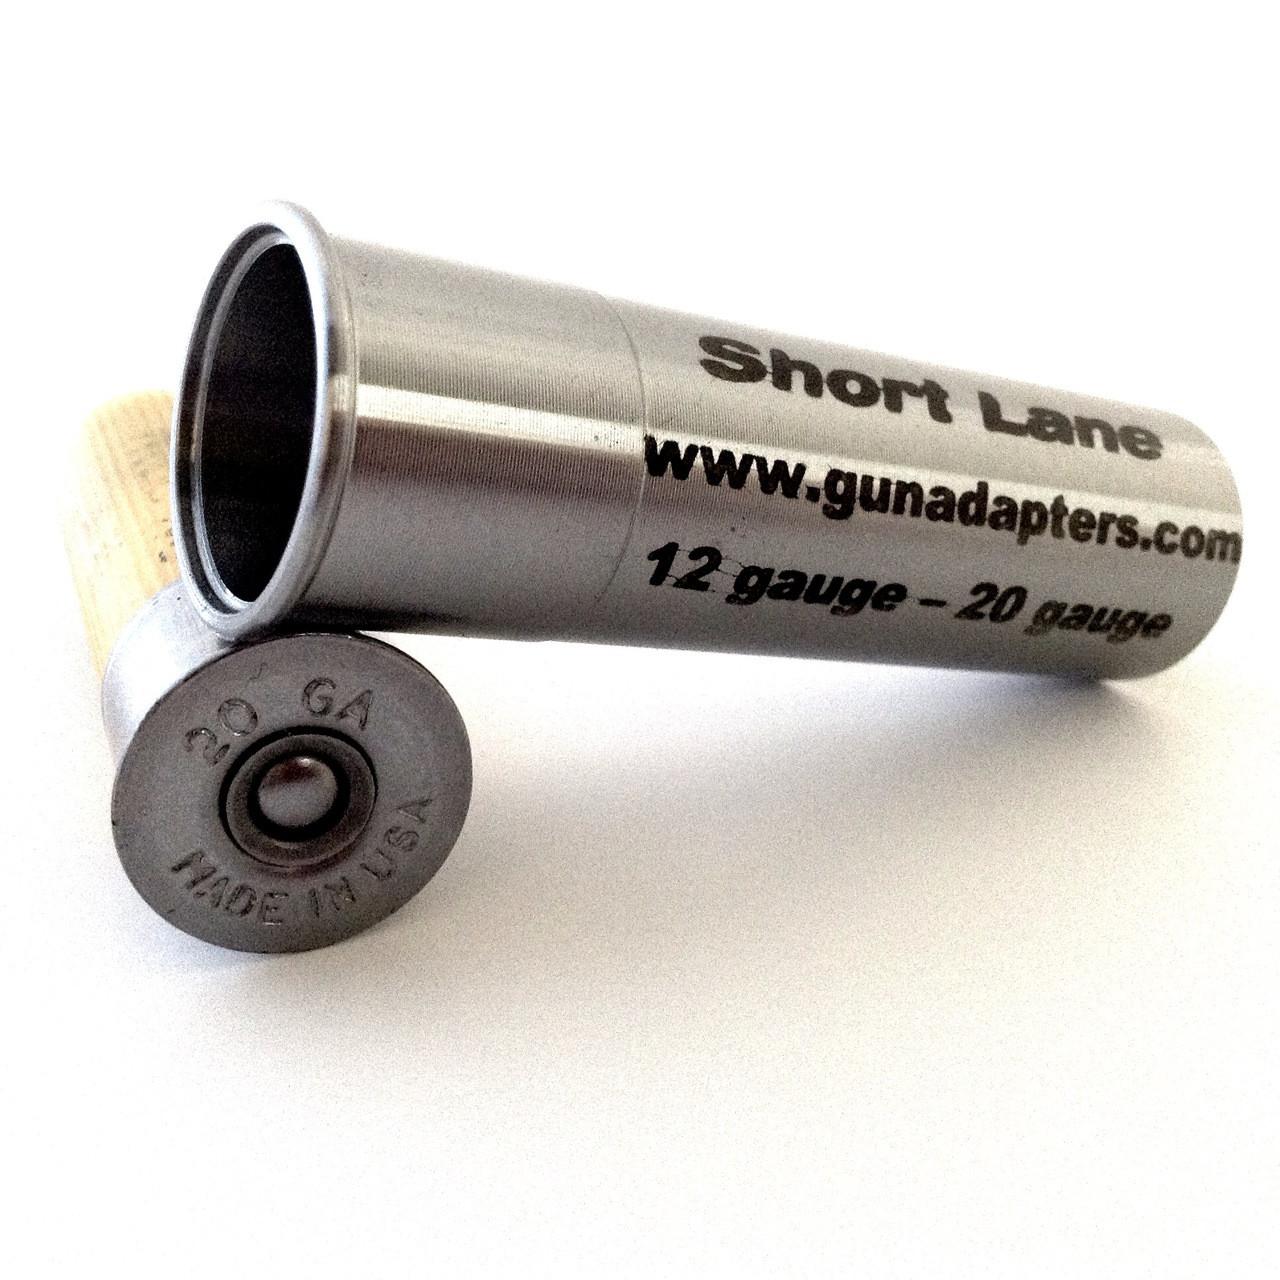 12 gauge to 20 gauge Scavenger Series